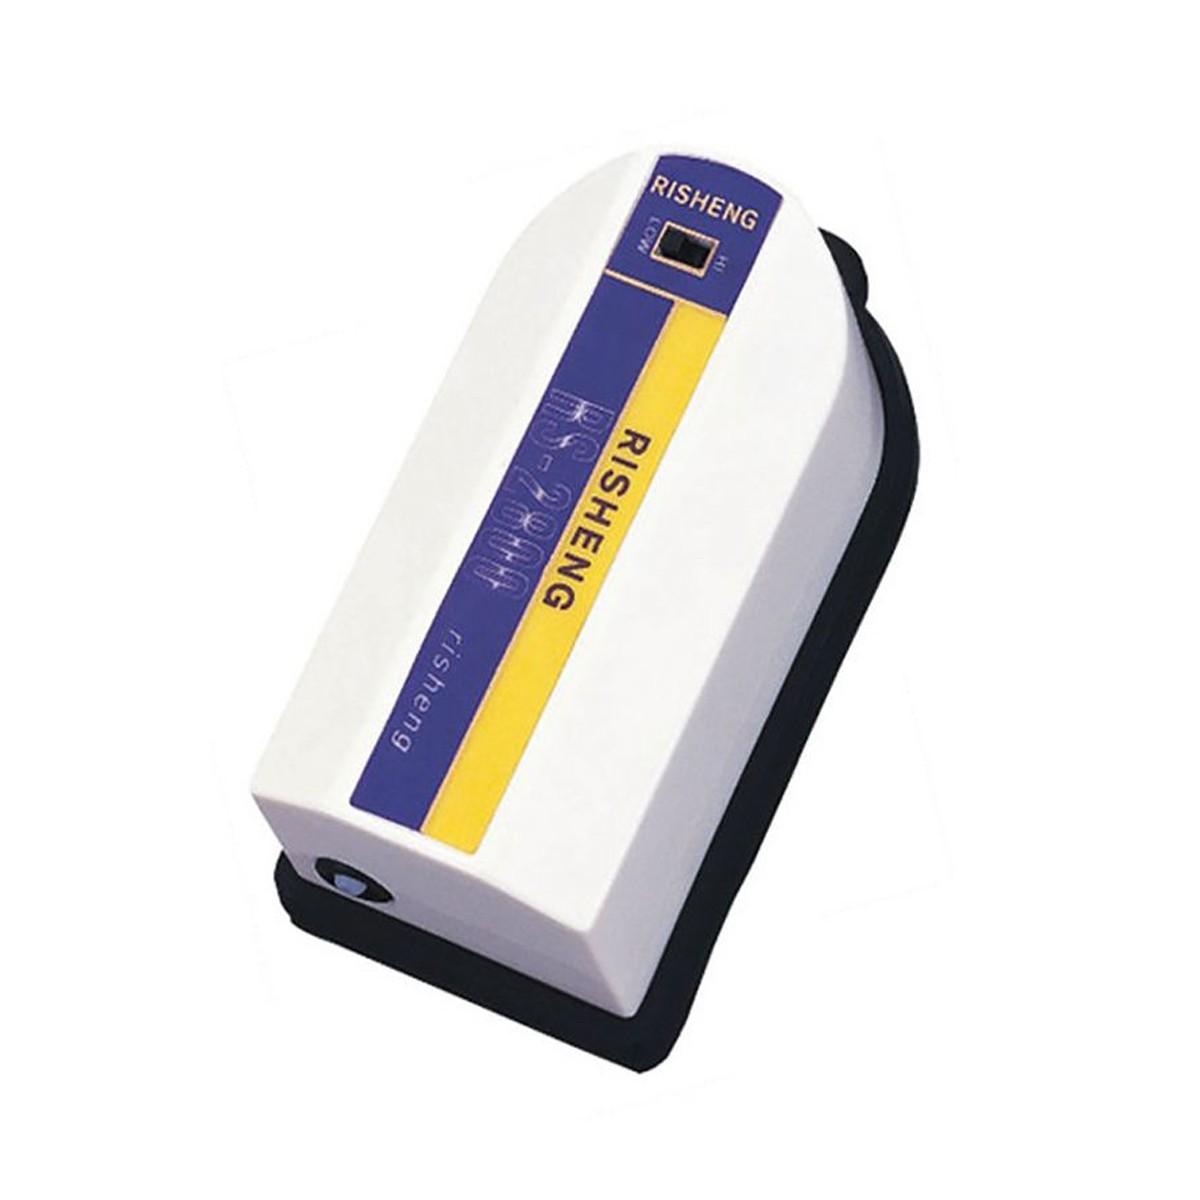 Kit Completo Compressor de Ar RS Electrical RS 2800 127v